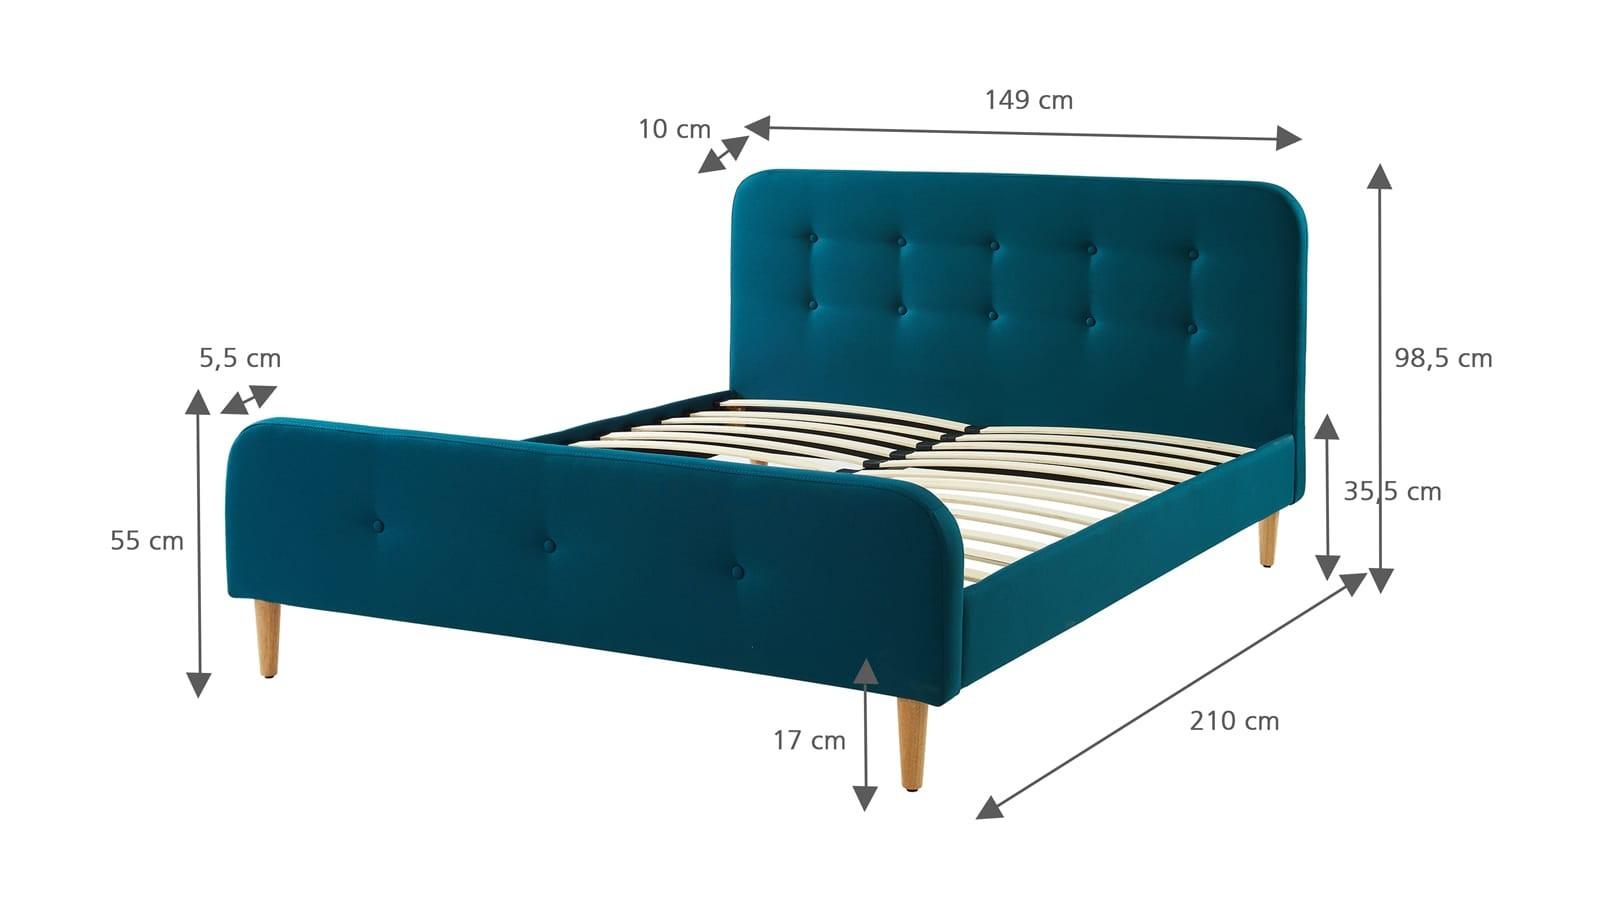 lit en tissu bleu canard mark